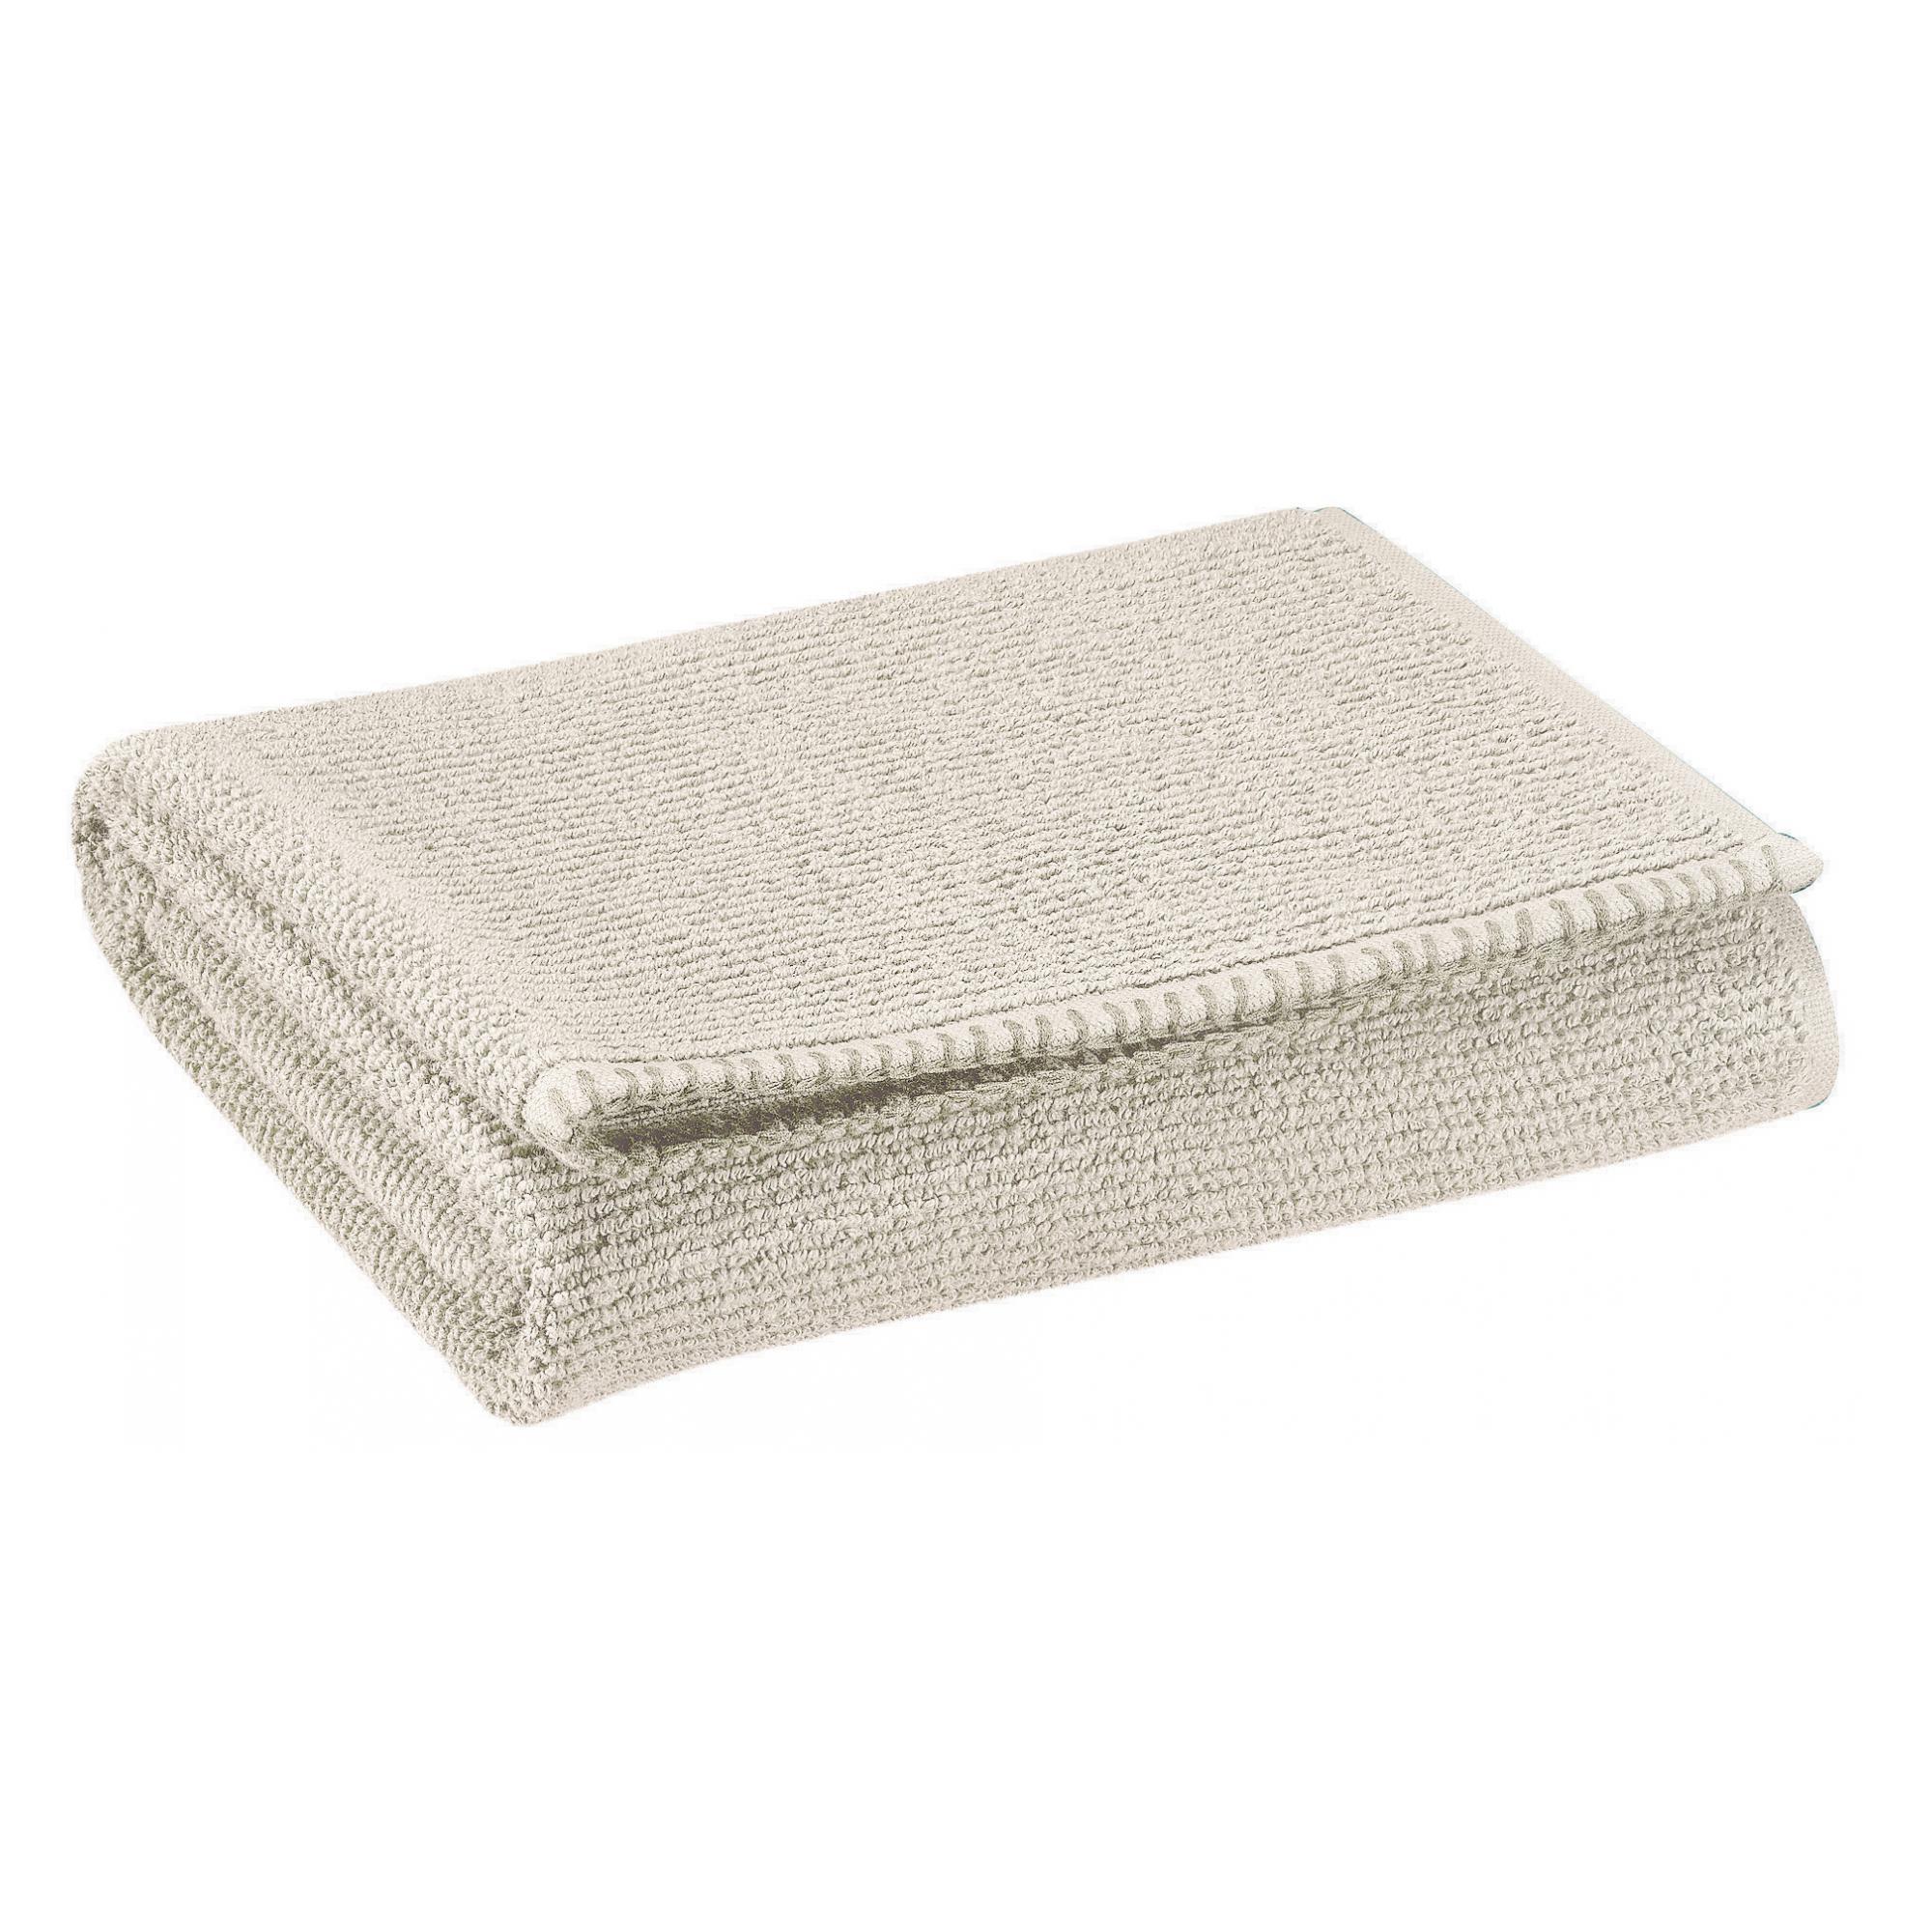 Drap de douche en coton lin 70 x 130